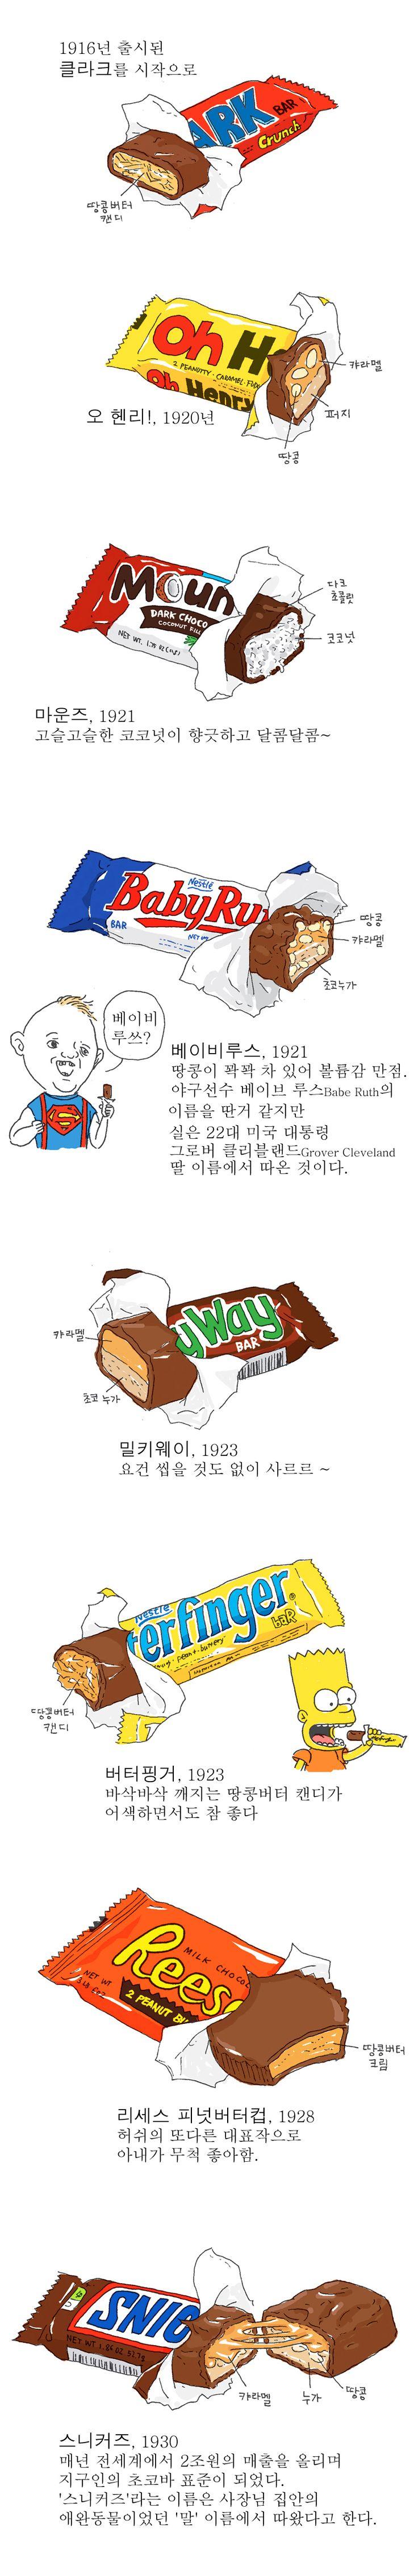 오무라이스 잼잼 137화 전교1등 초코바   Daum 만화속세상